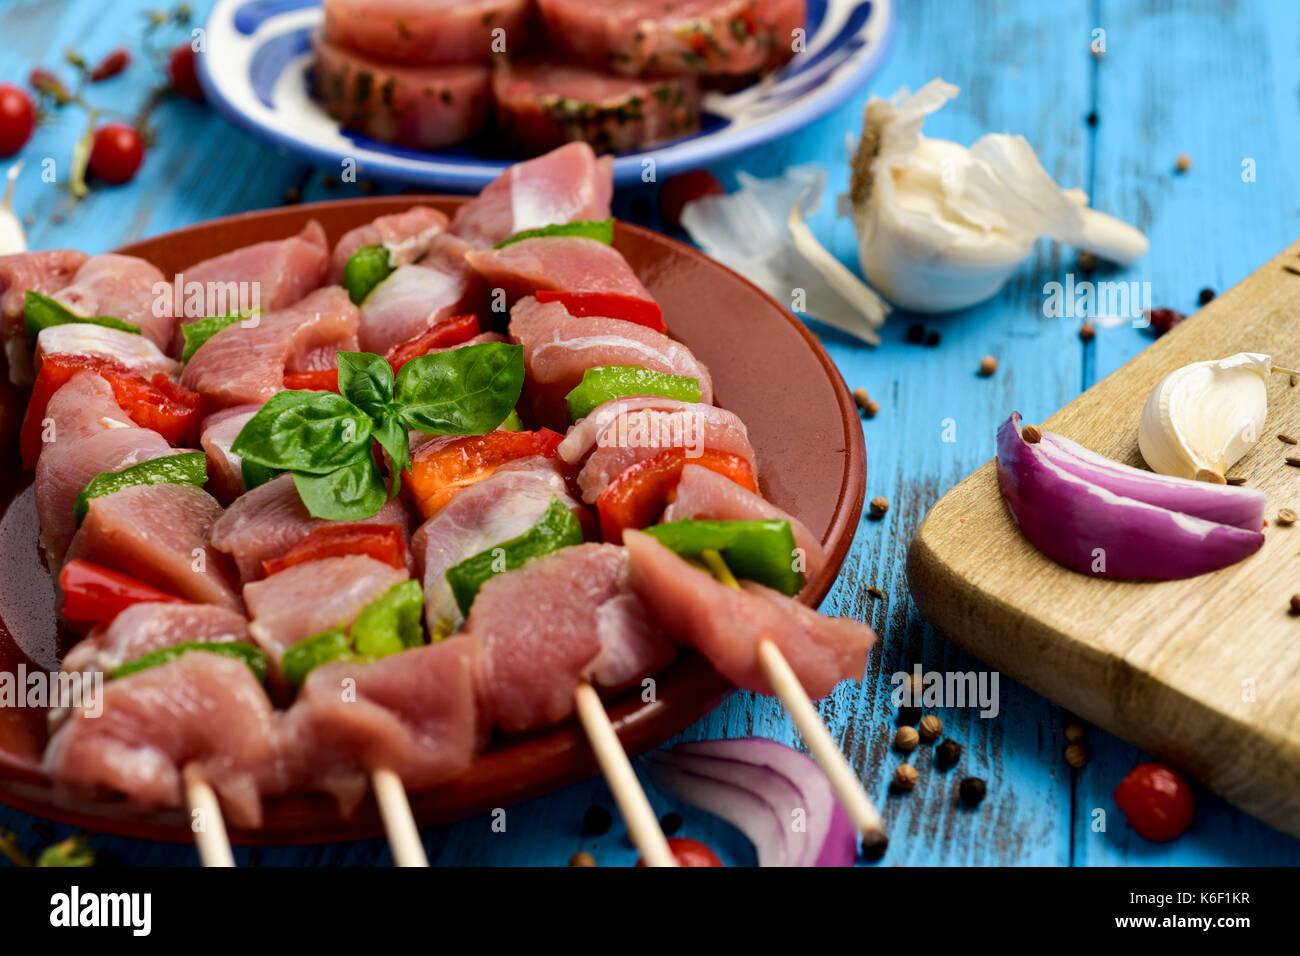 Primo piano di alcune materie di carne di tacchino Spiedini misti con verdure in un piatto di terracotta, posto su un blu tavola in legno rustico Immagini Stock